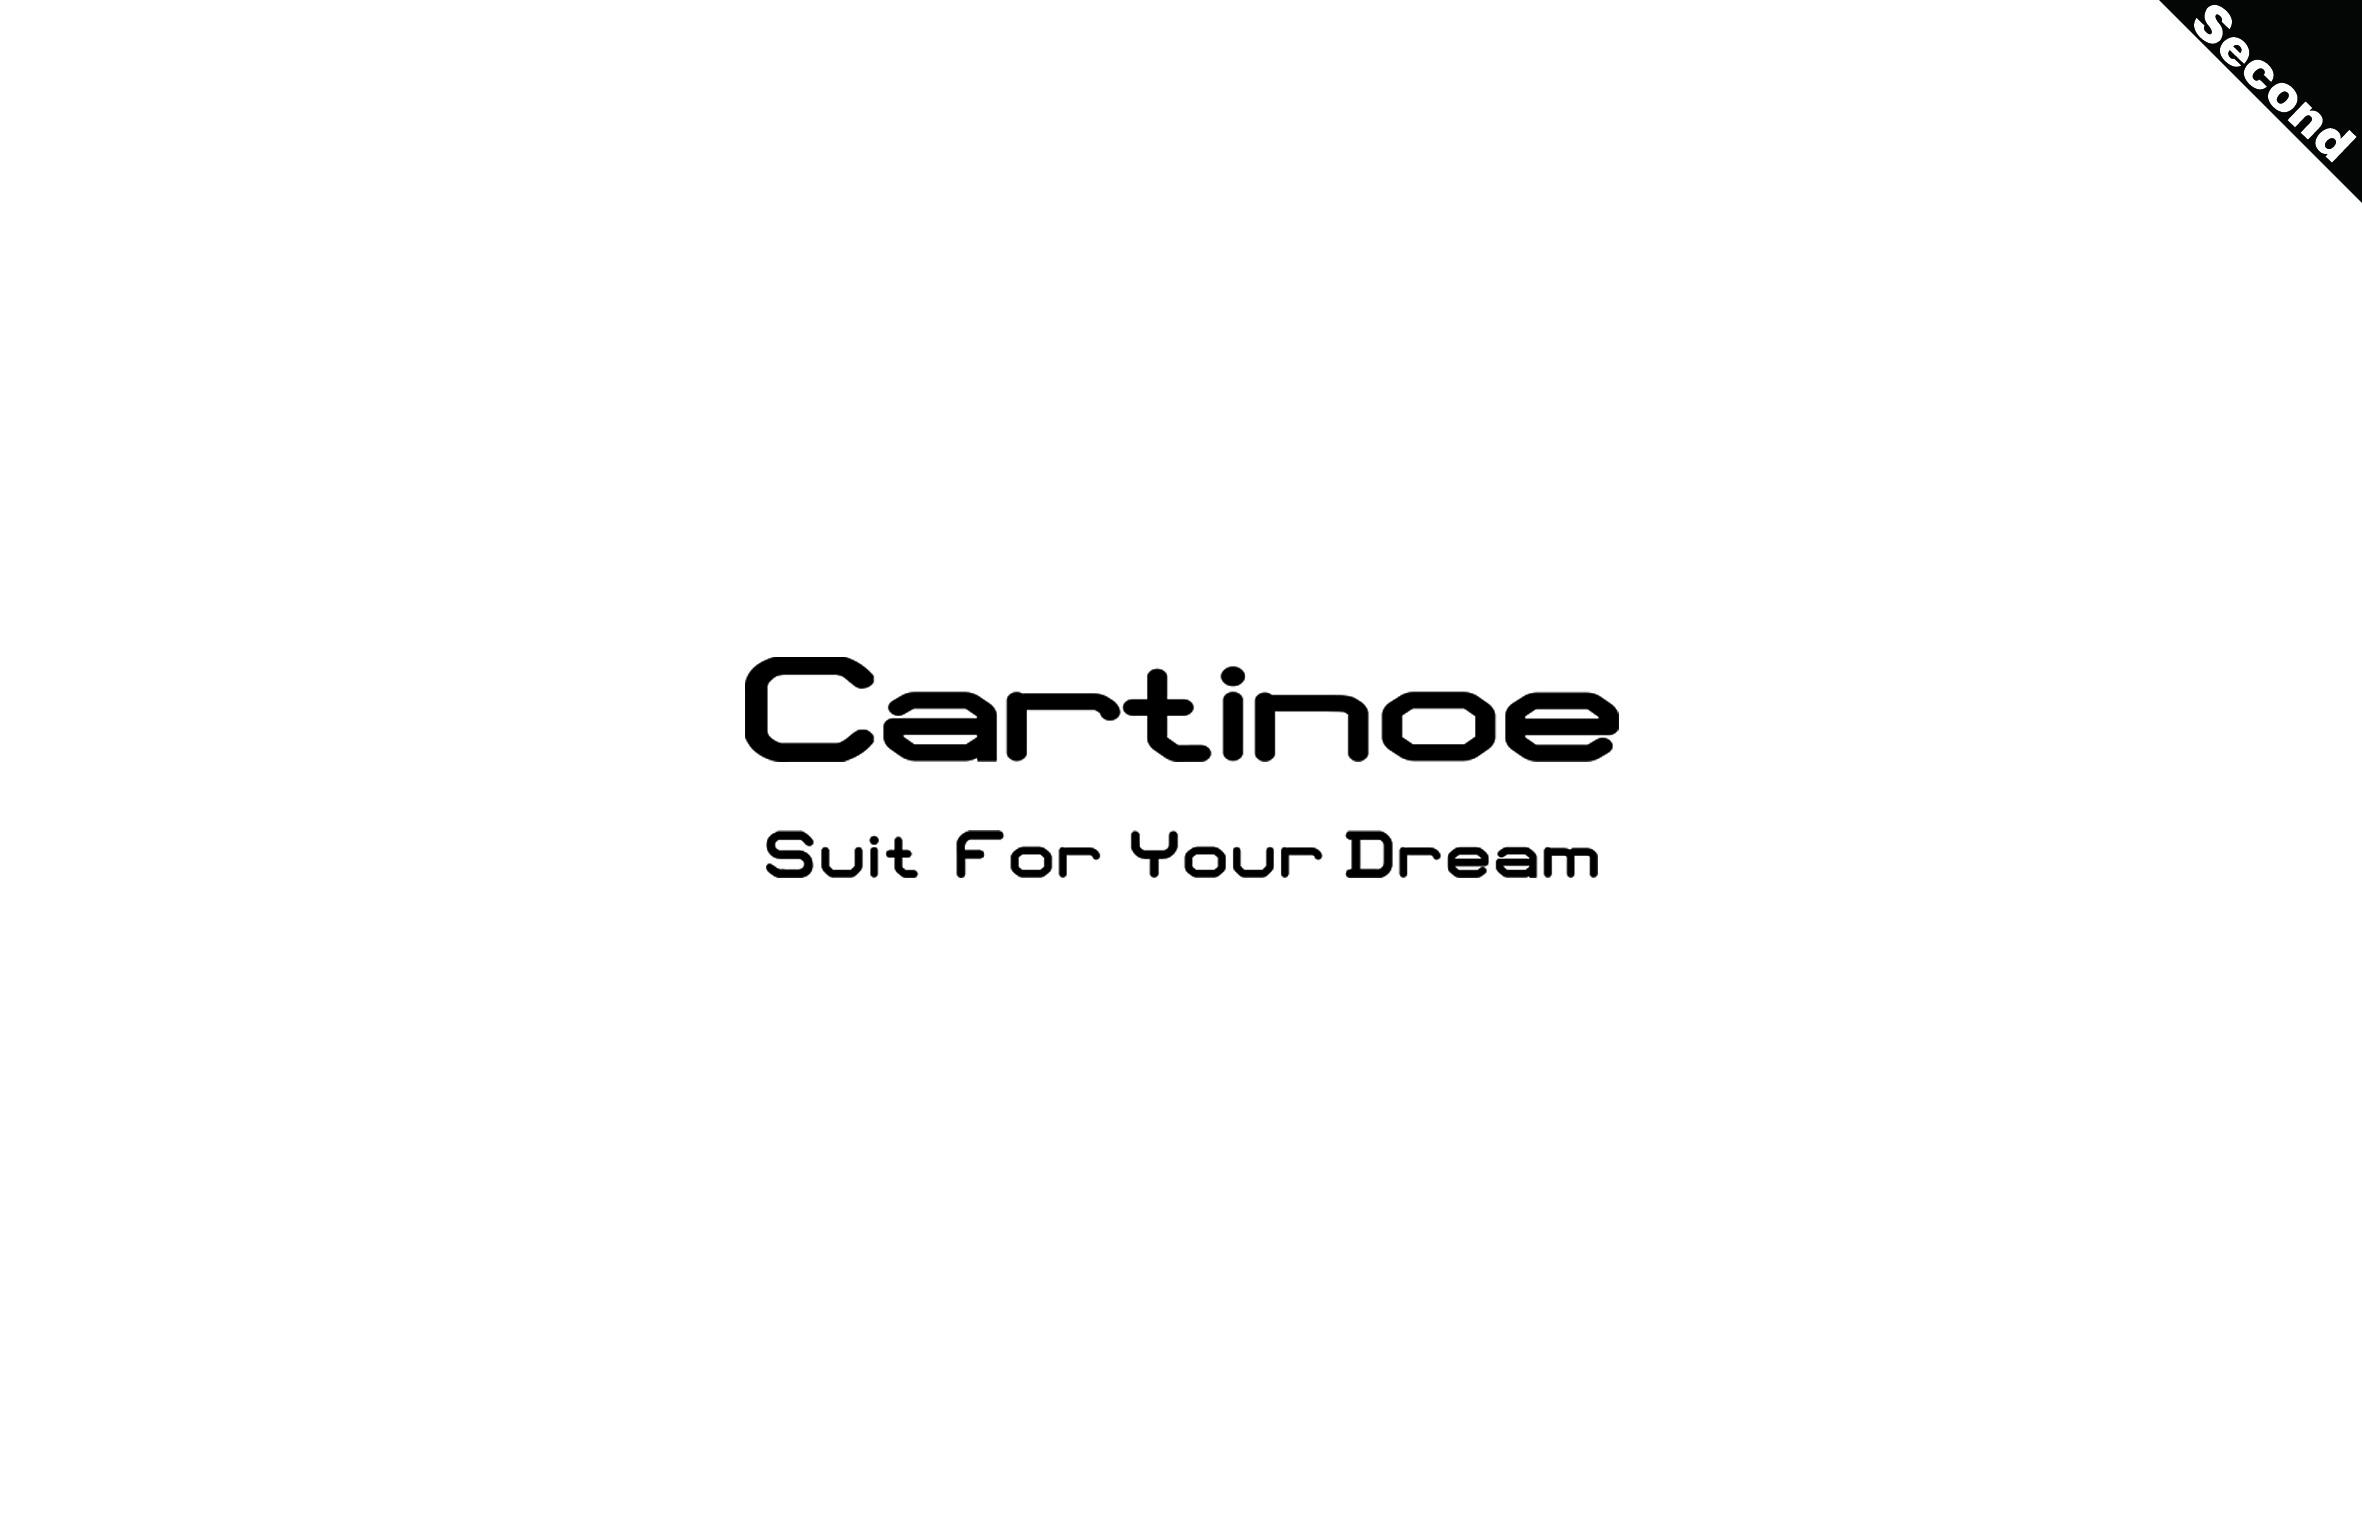 Cartinoe-túi laptop hàng hiệu